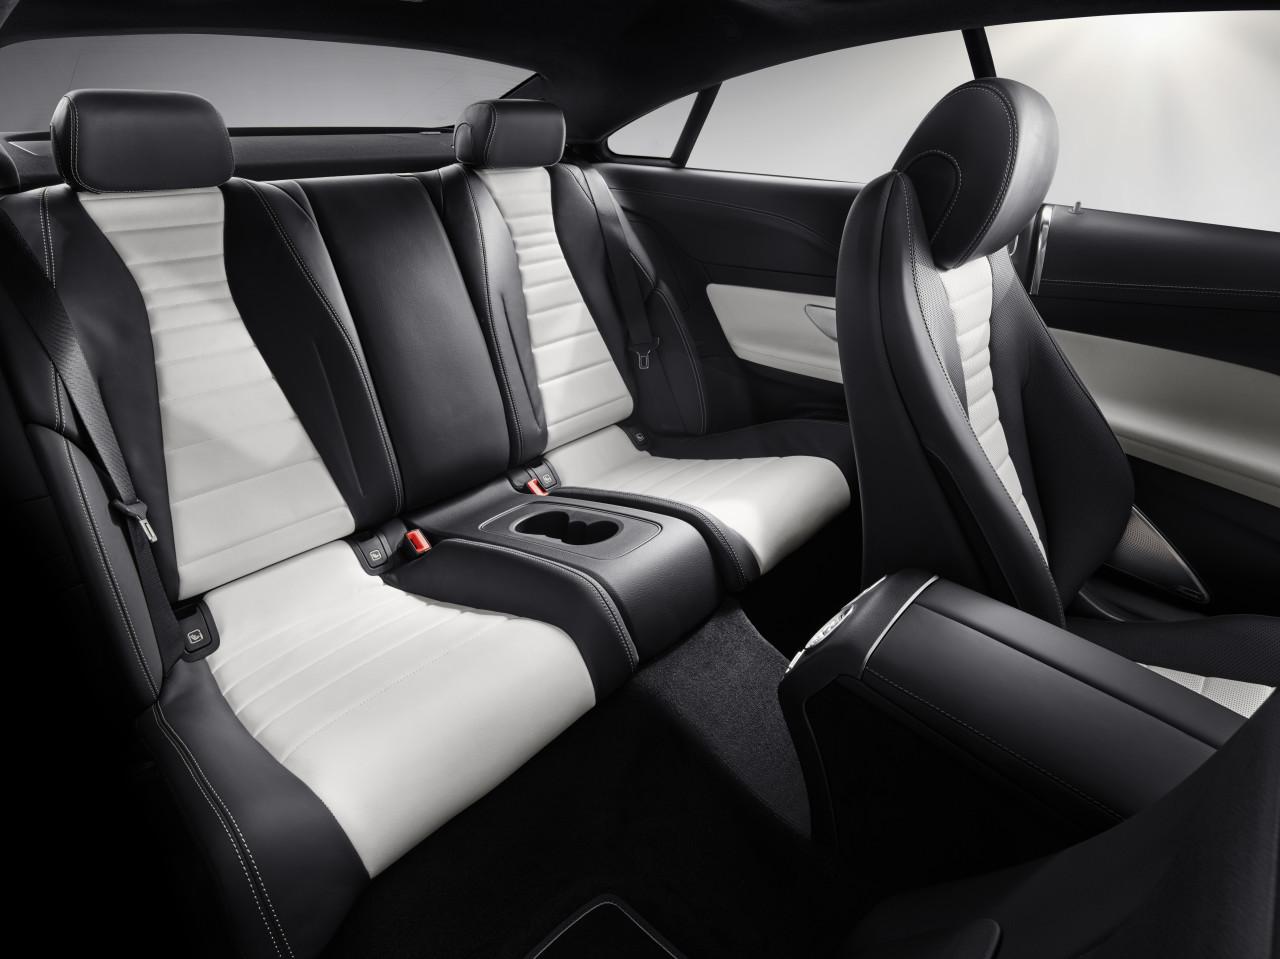 2017-Mercedes-Benz-E-Class-Coupe-11